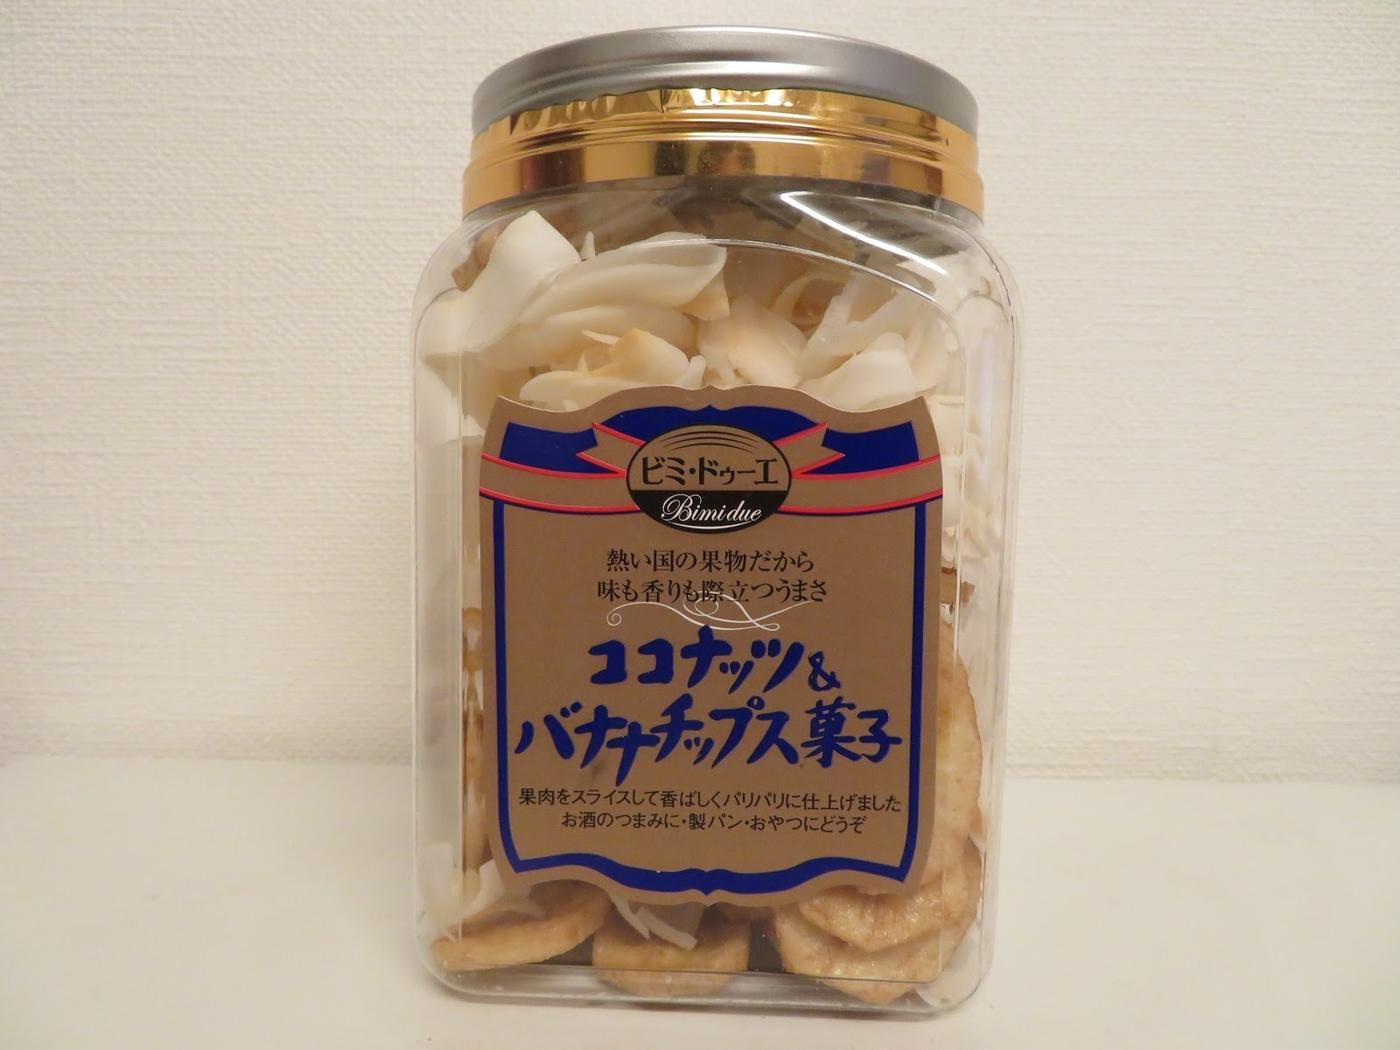 ビミドゥーエ-ココナッツバナナチップス